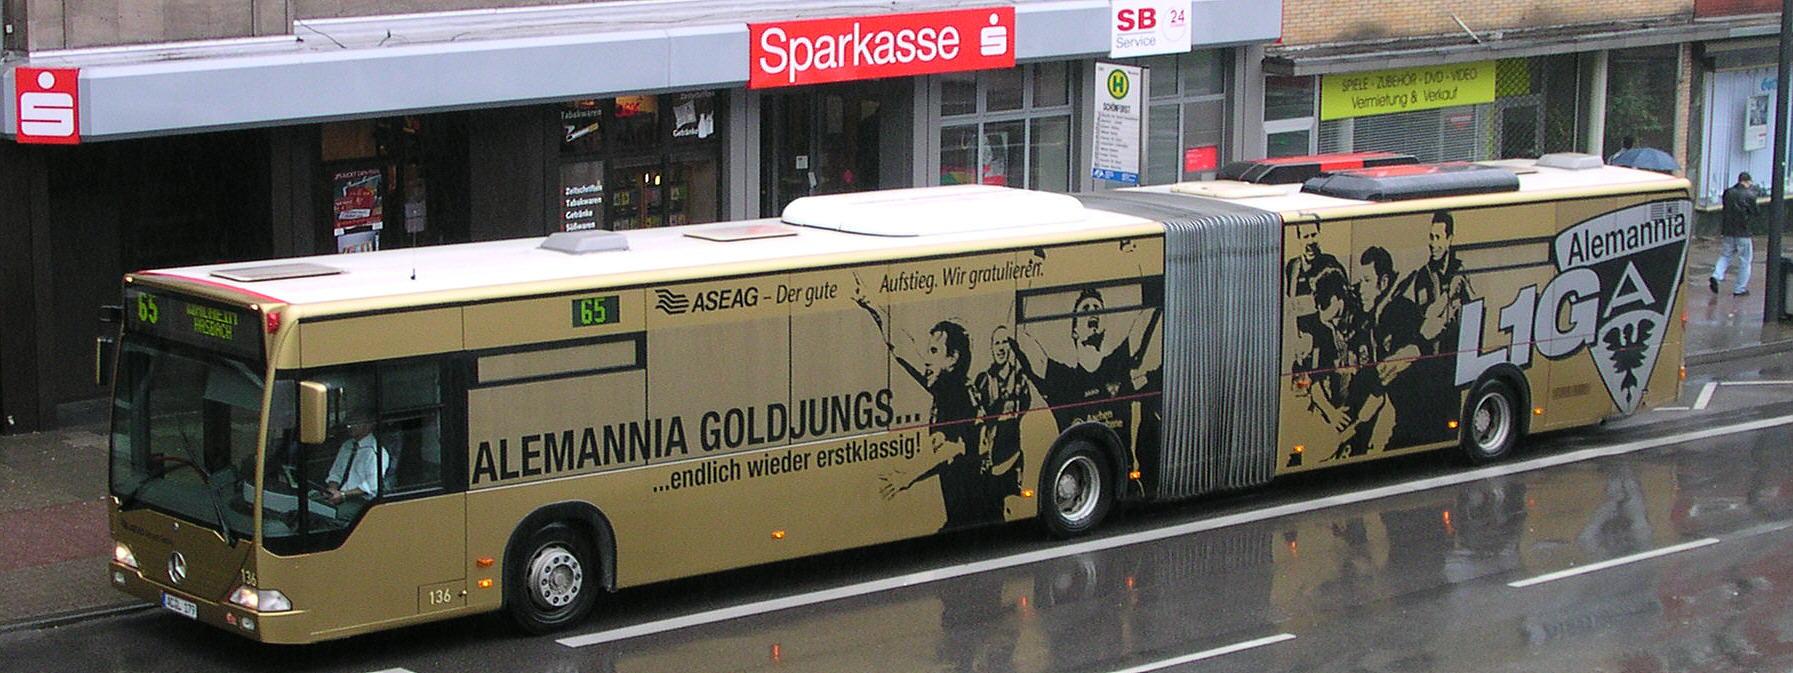 ASEAG Bus Alemannia Aachen Motiv